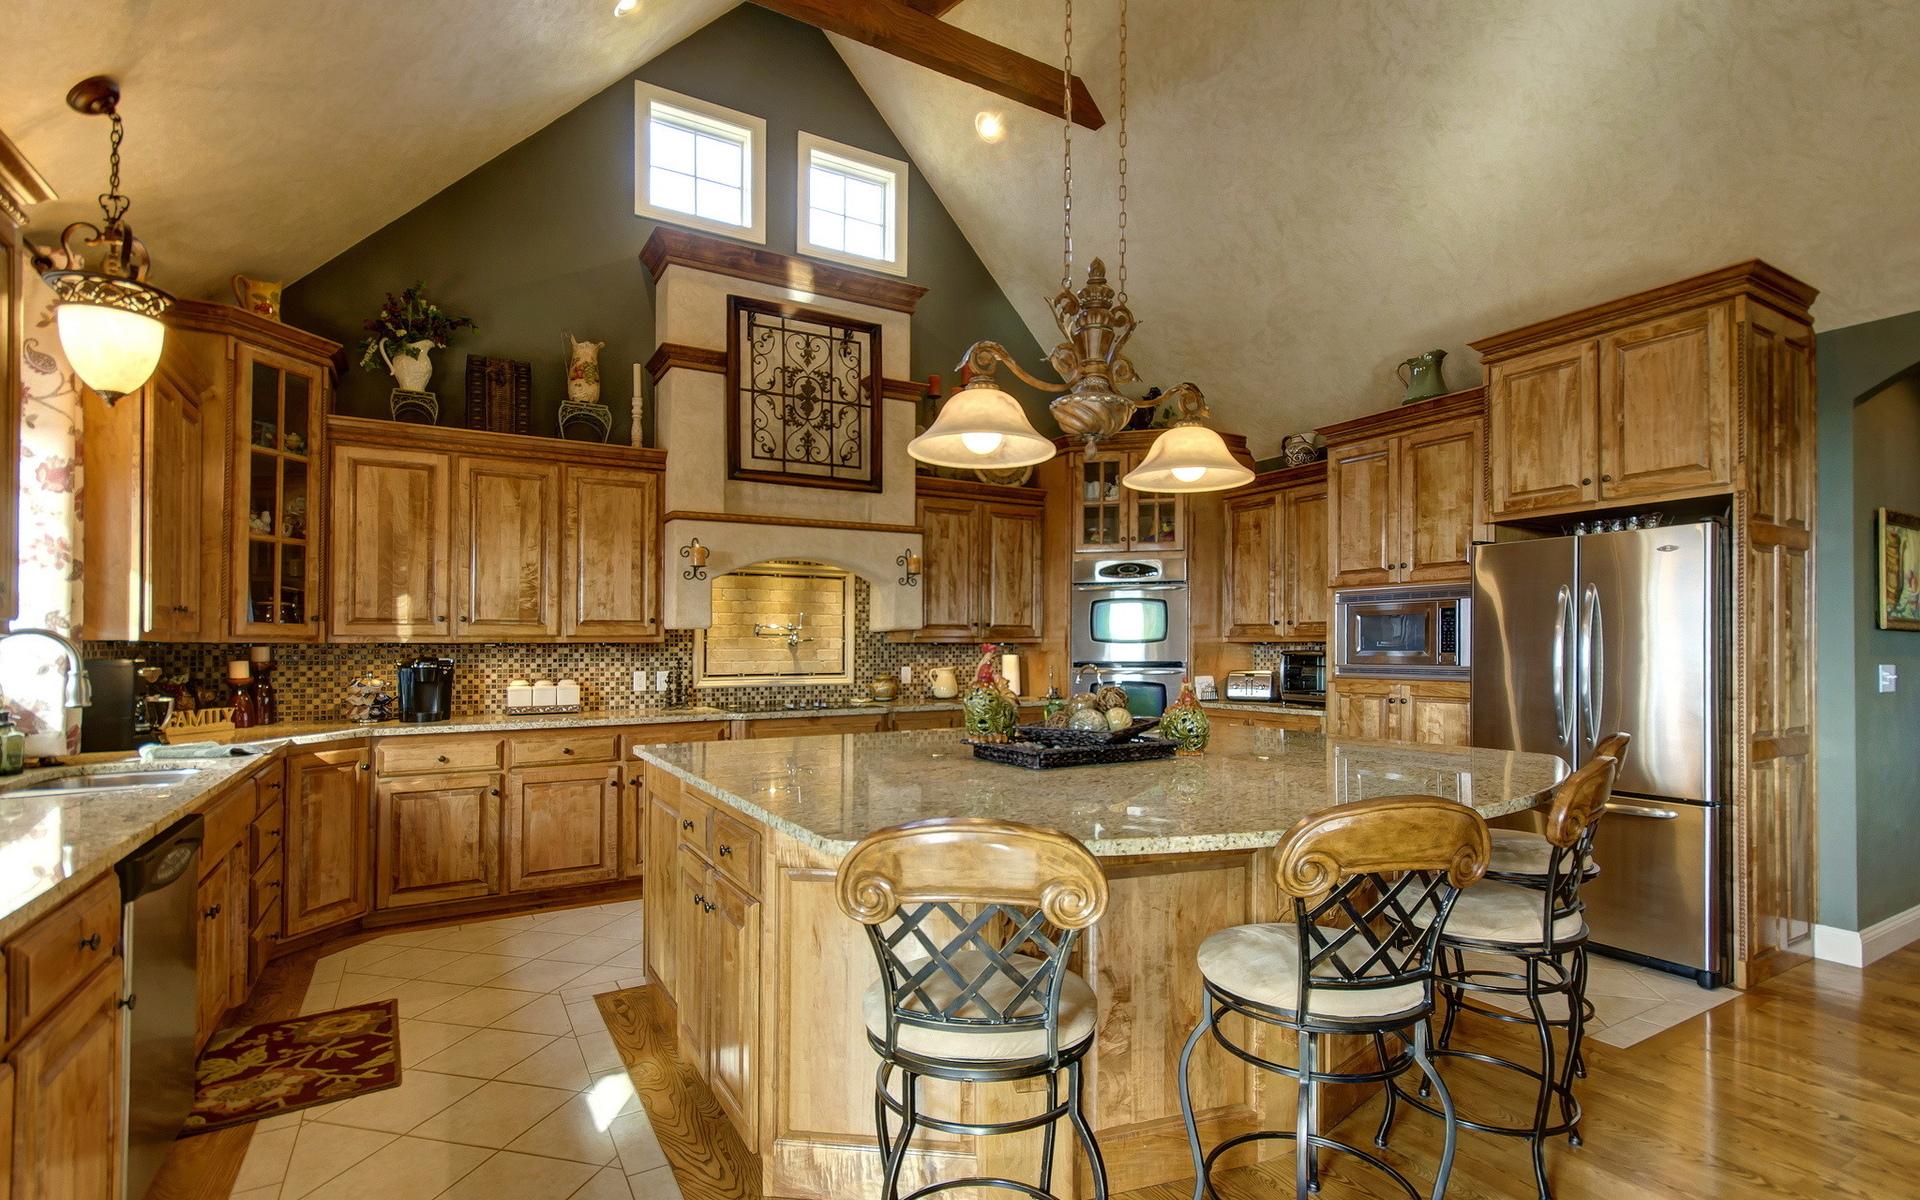 Металлические стулья на кухне с деревянной спинкой и мягким сиденьем